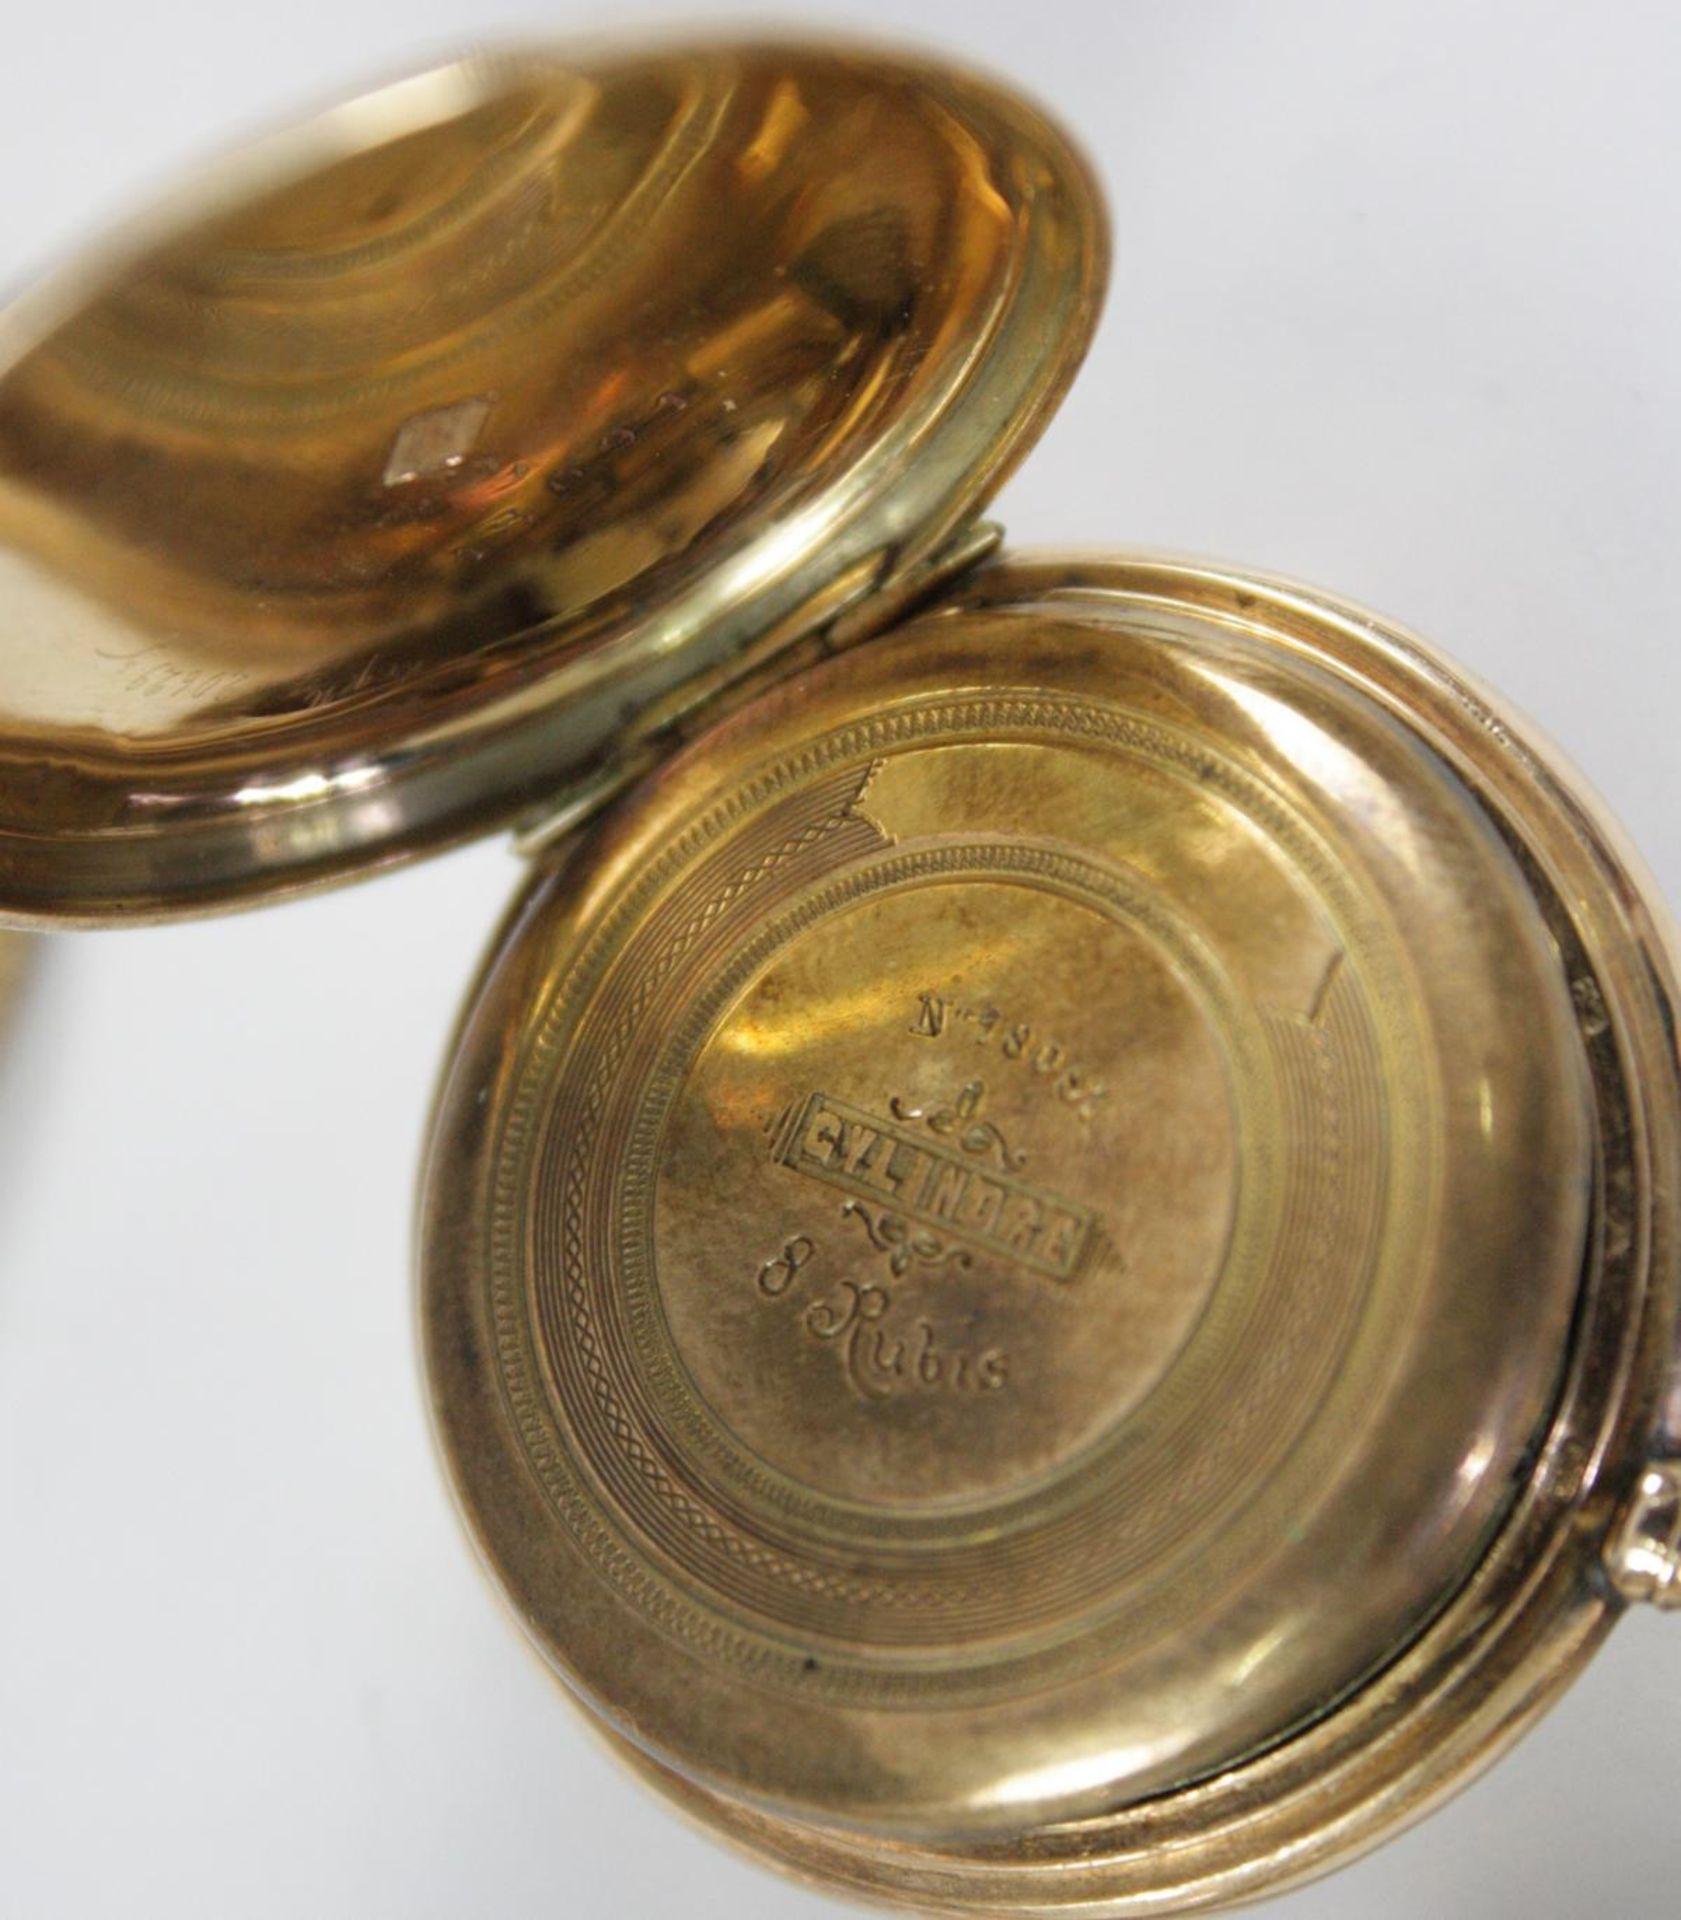 Goldene Damentaschenuhr, 14 Karat Gelbgold - Bild 4 aus 6